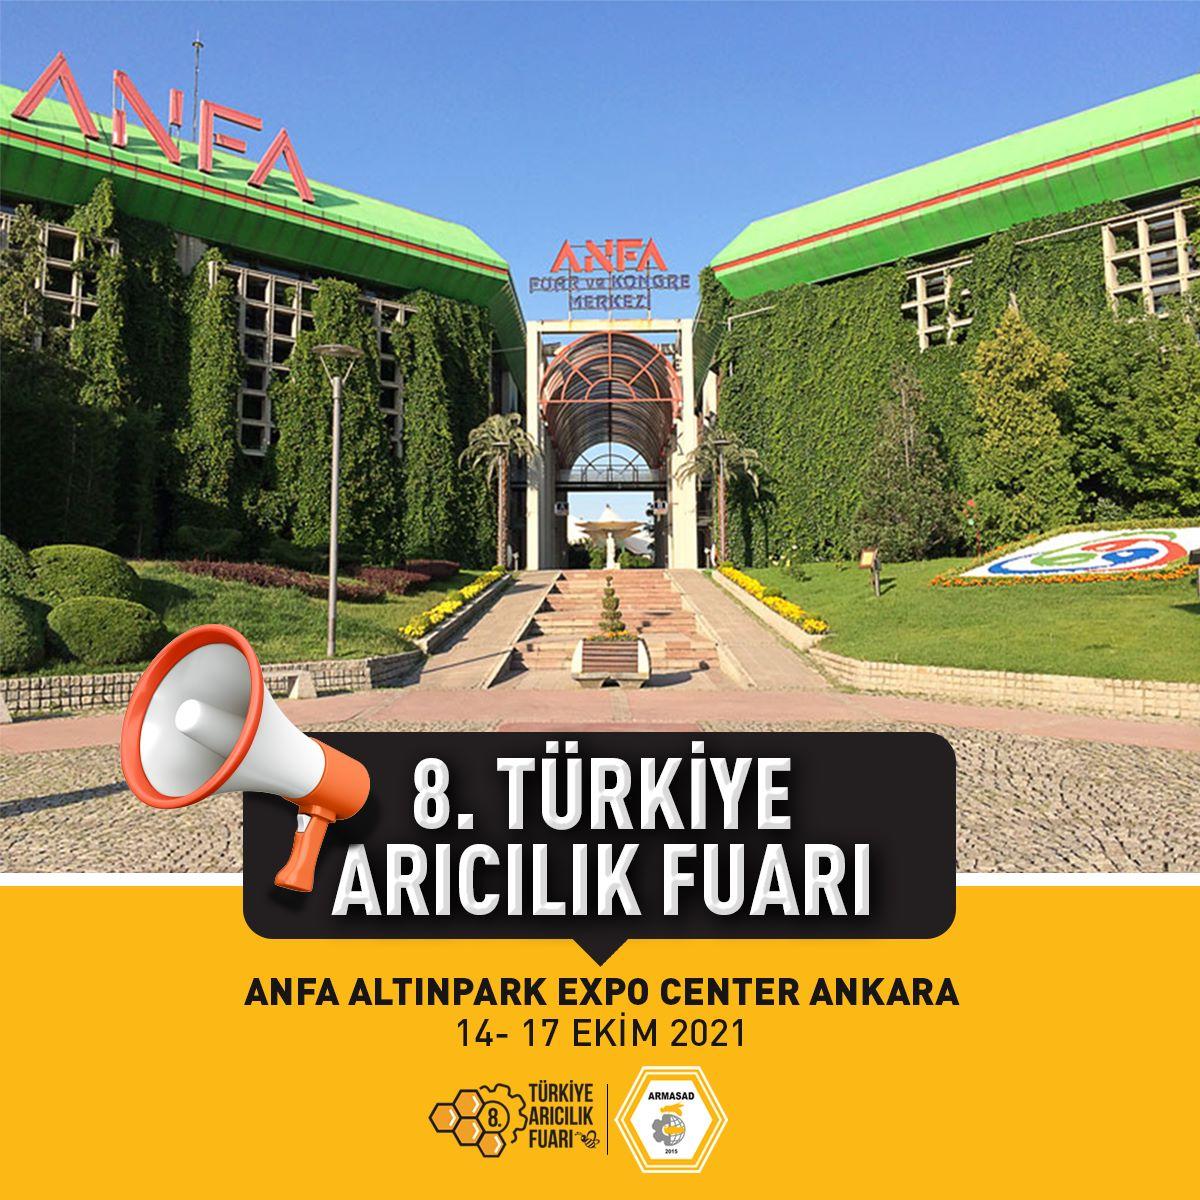 8.Türkiye Arıcılık Fuarı 2021 Ankara Altınpark